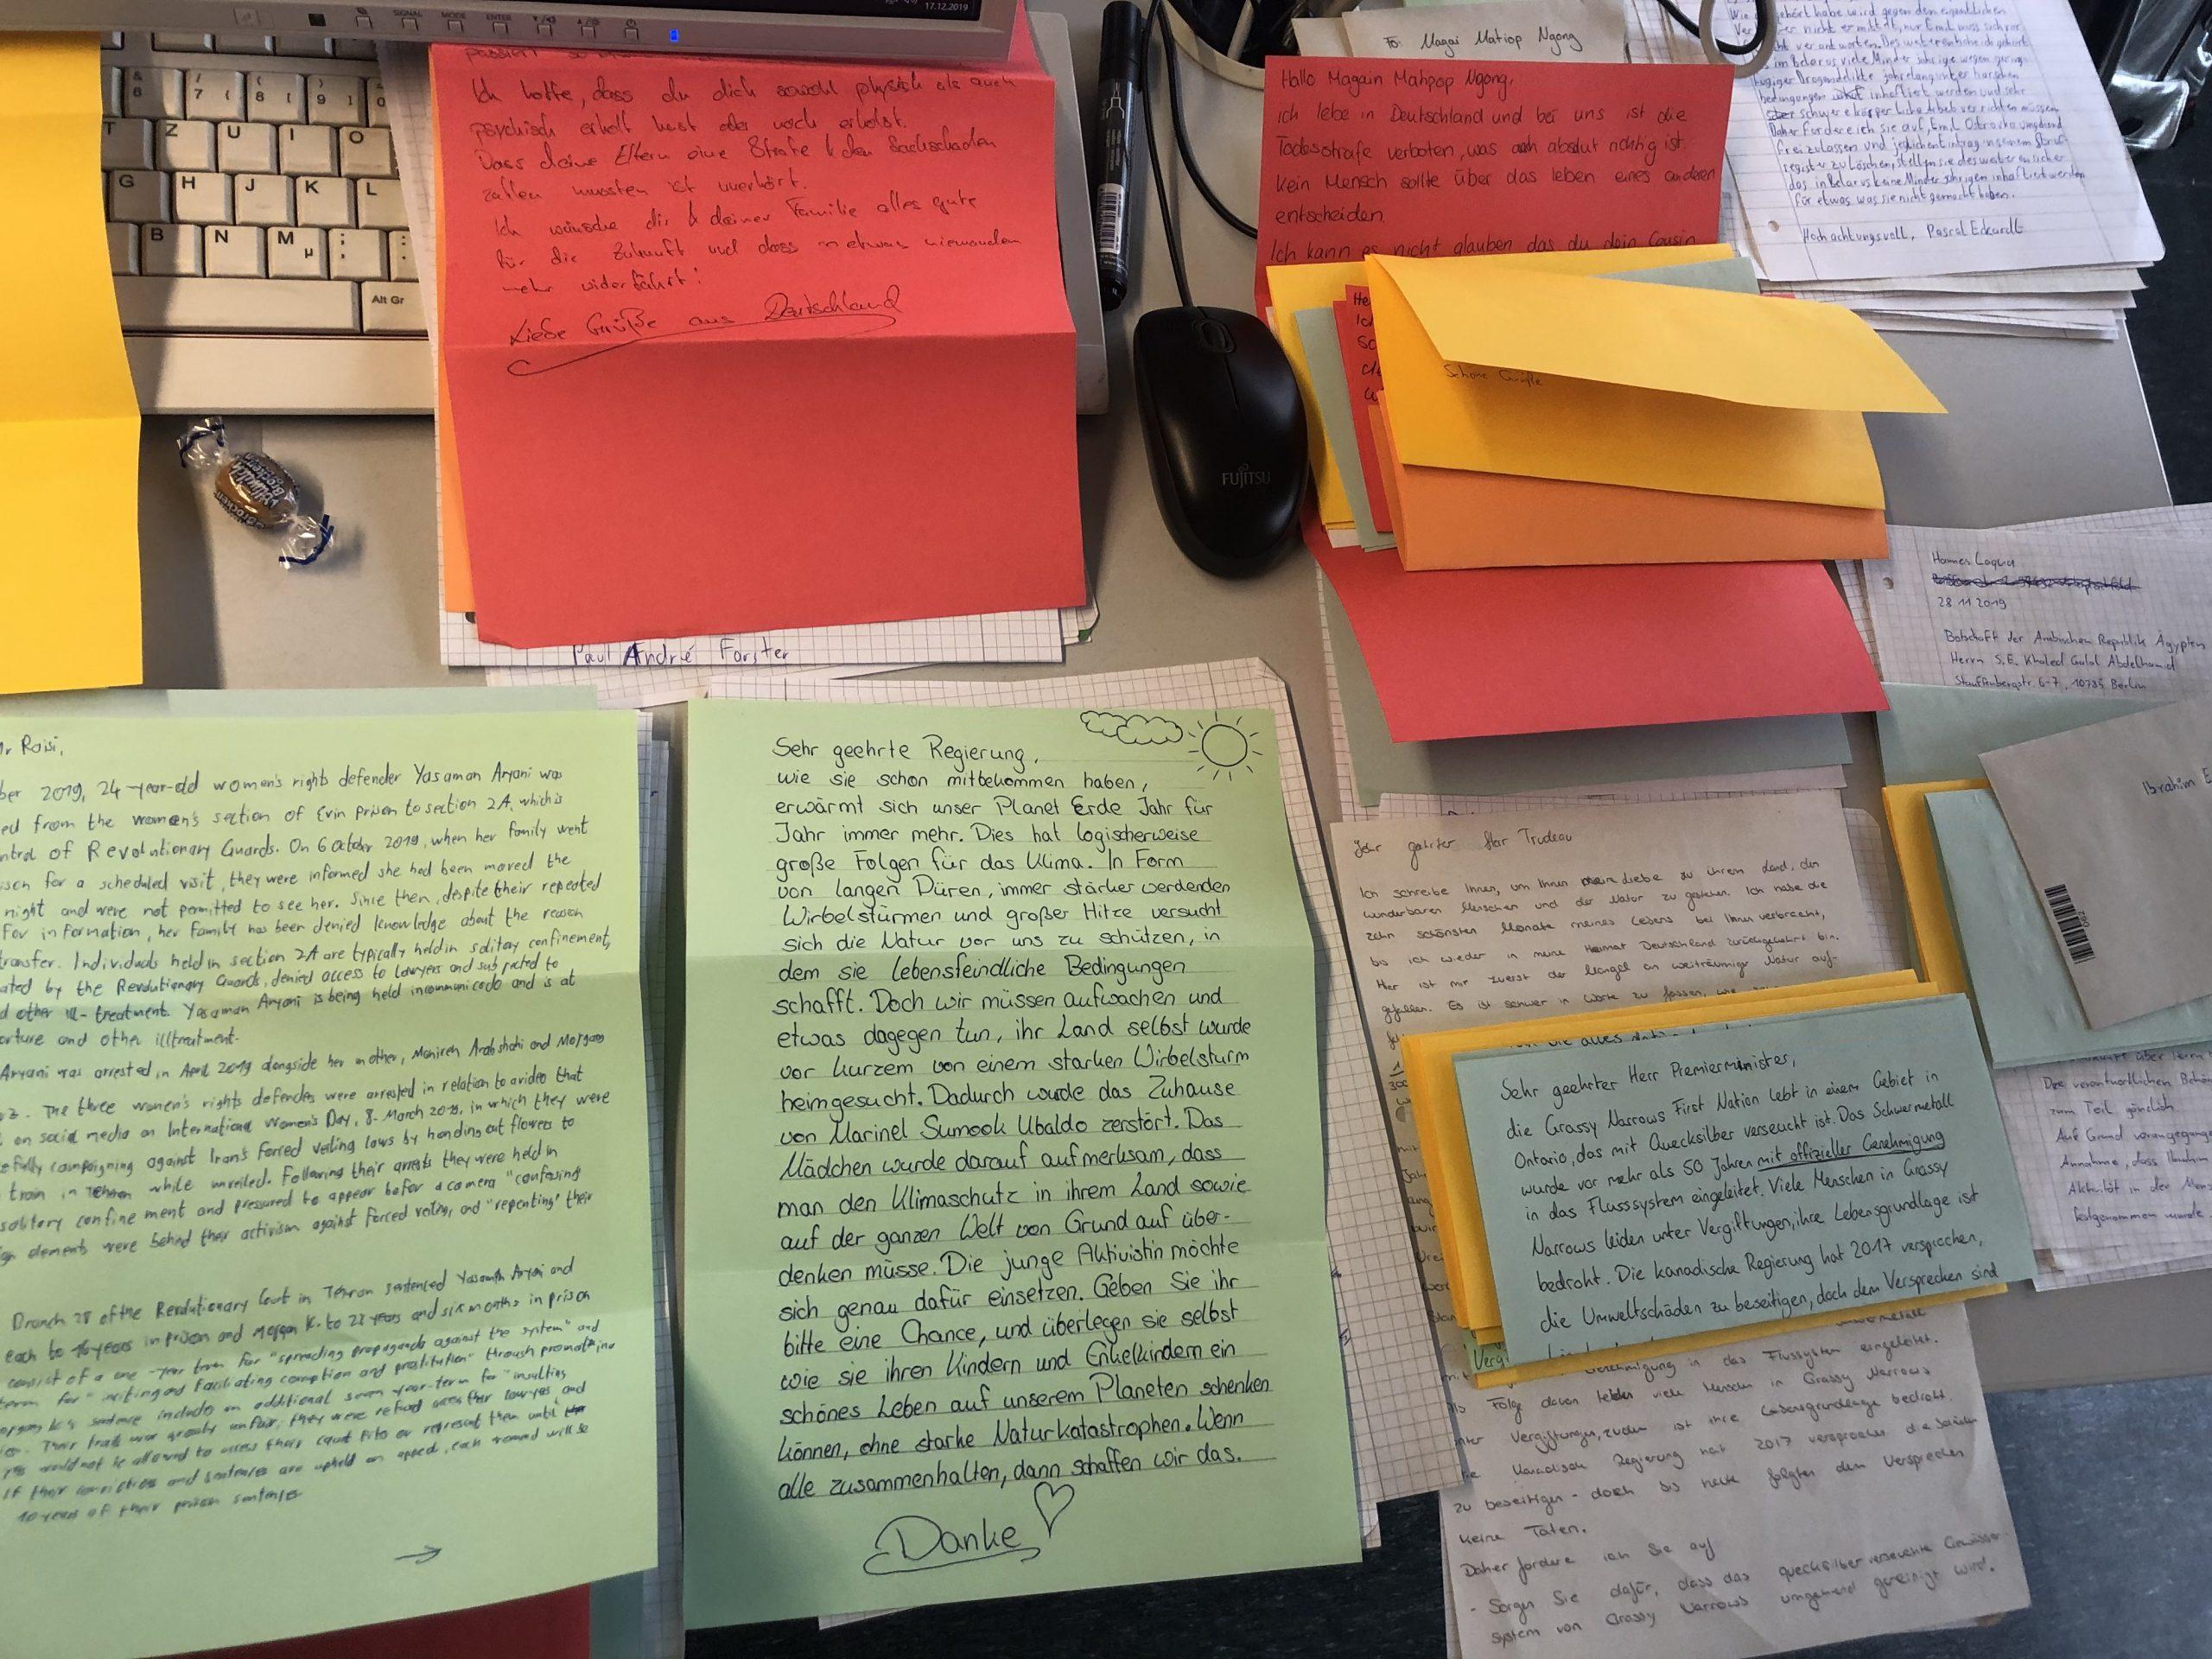 Bild von Briefen im Rahmen des Briefmarathons